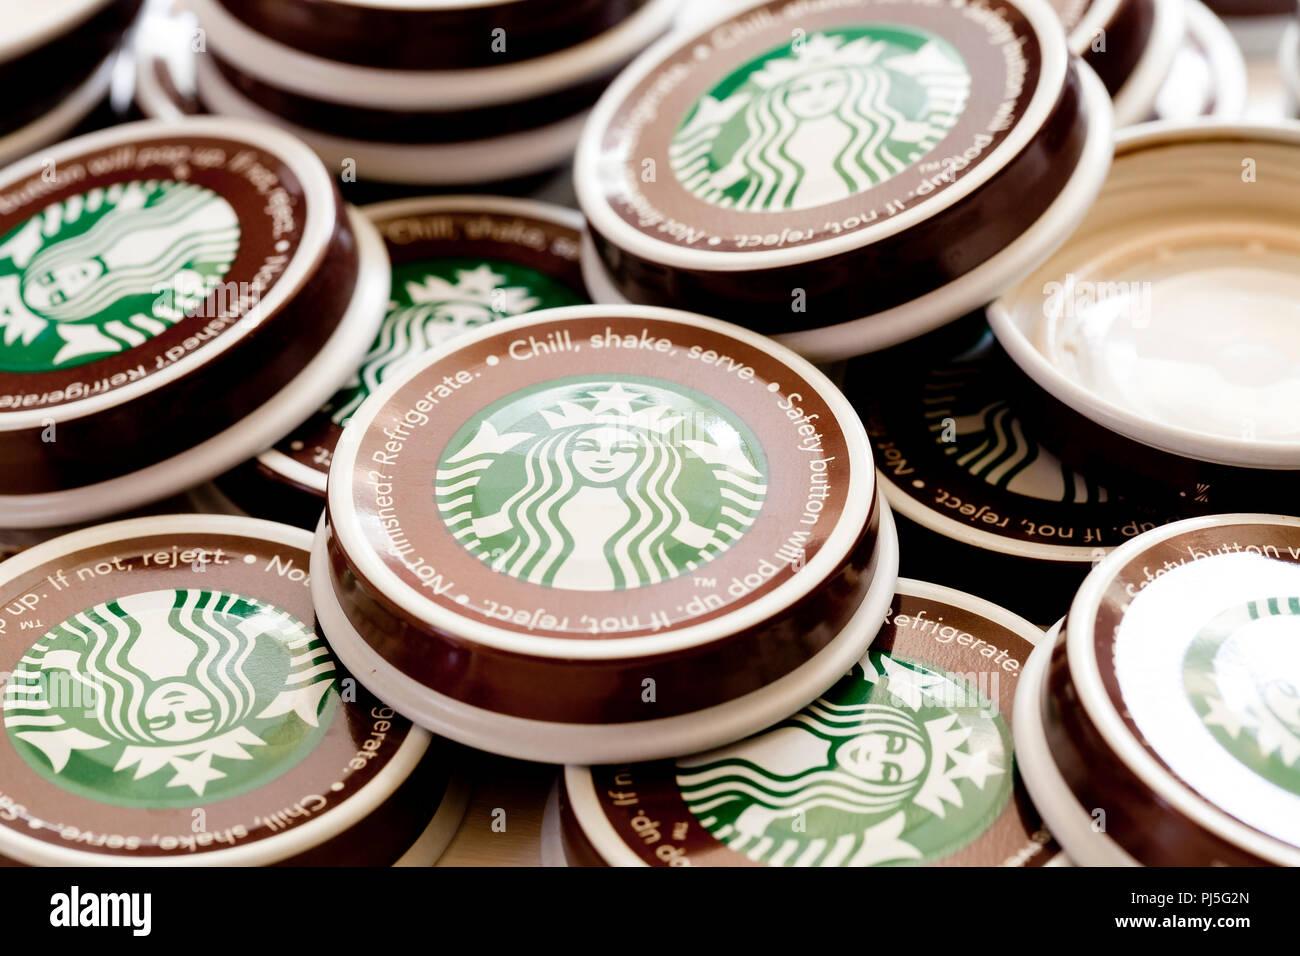 Starbucks coffee bottle caps (Starbucks bottled coffee)- USA - Stock Image